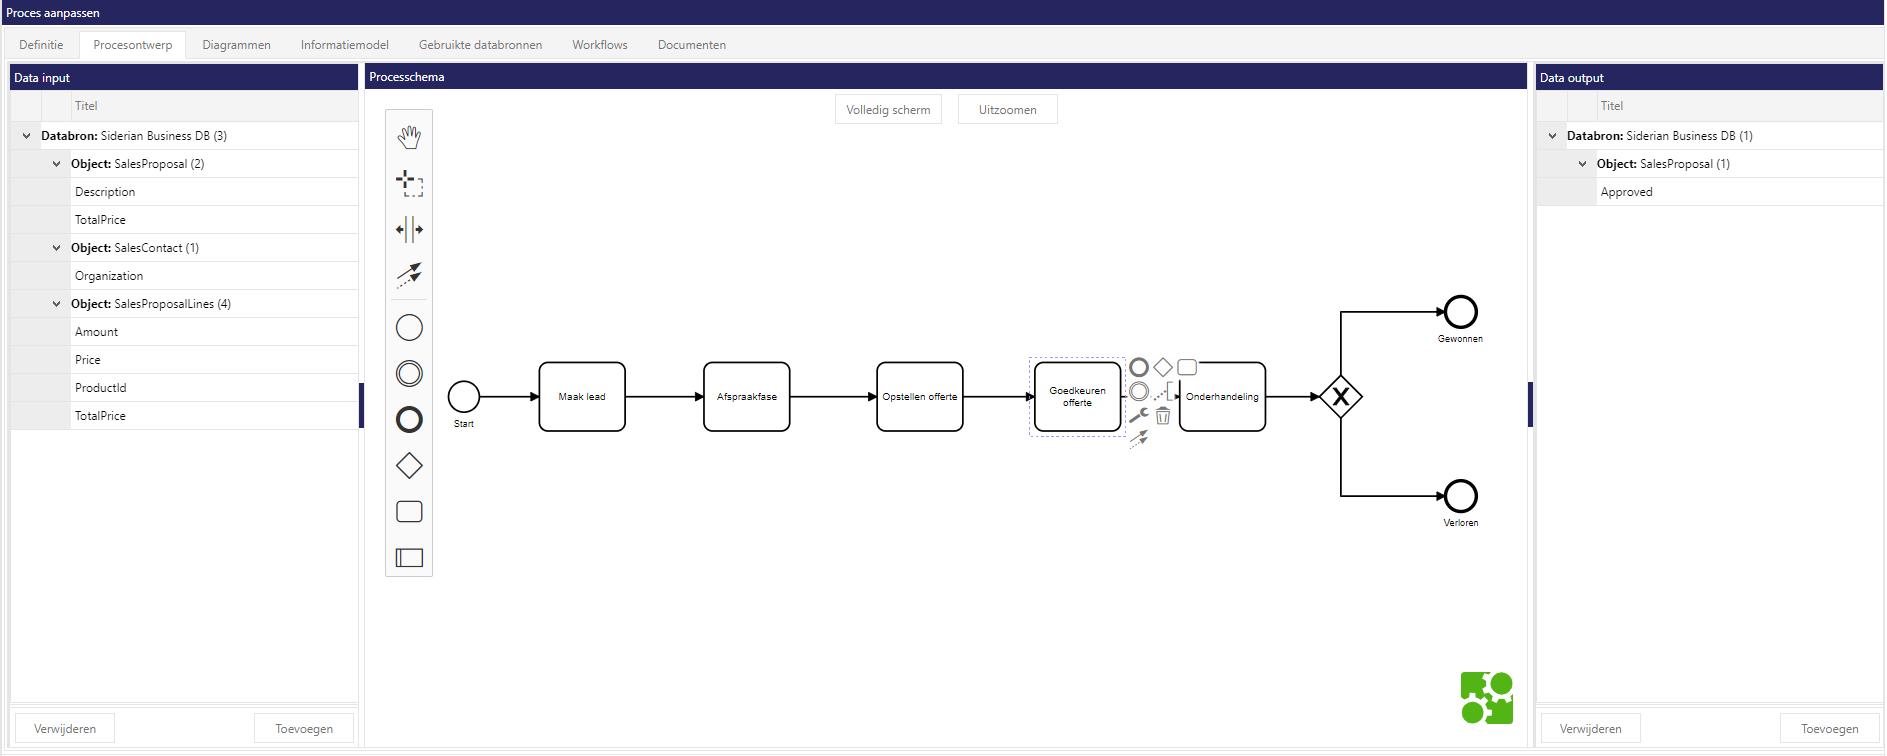 Siderian Cloud: SIPOC niveau procesmodel met informatiestromen (input en output)